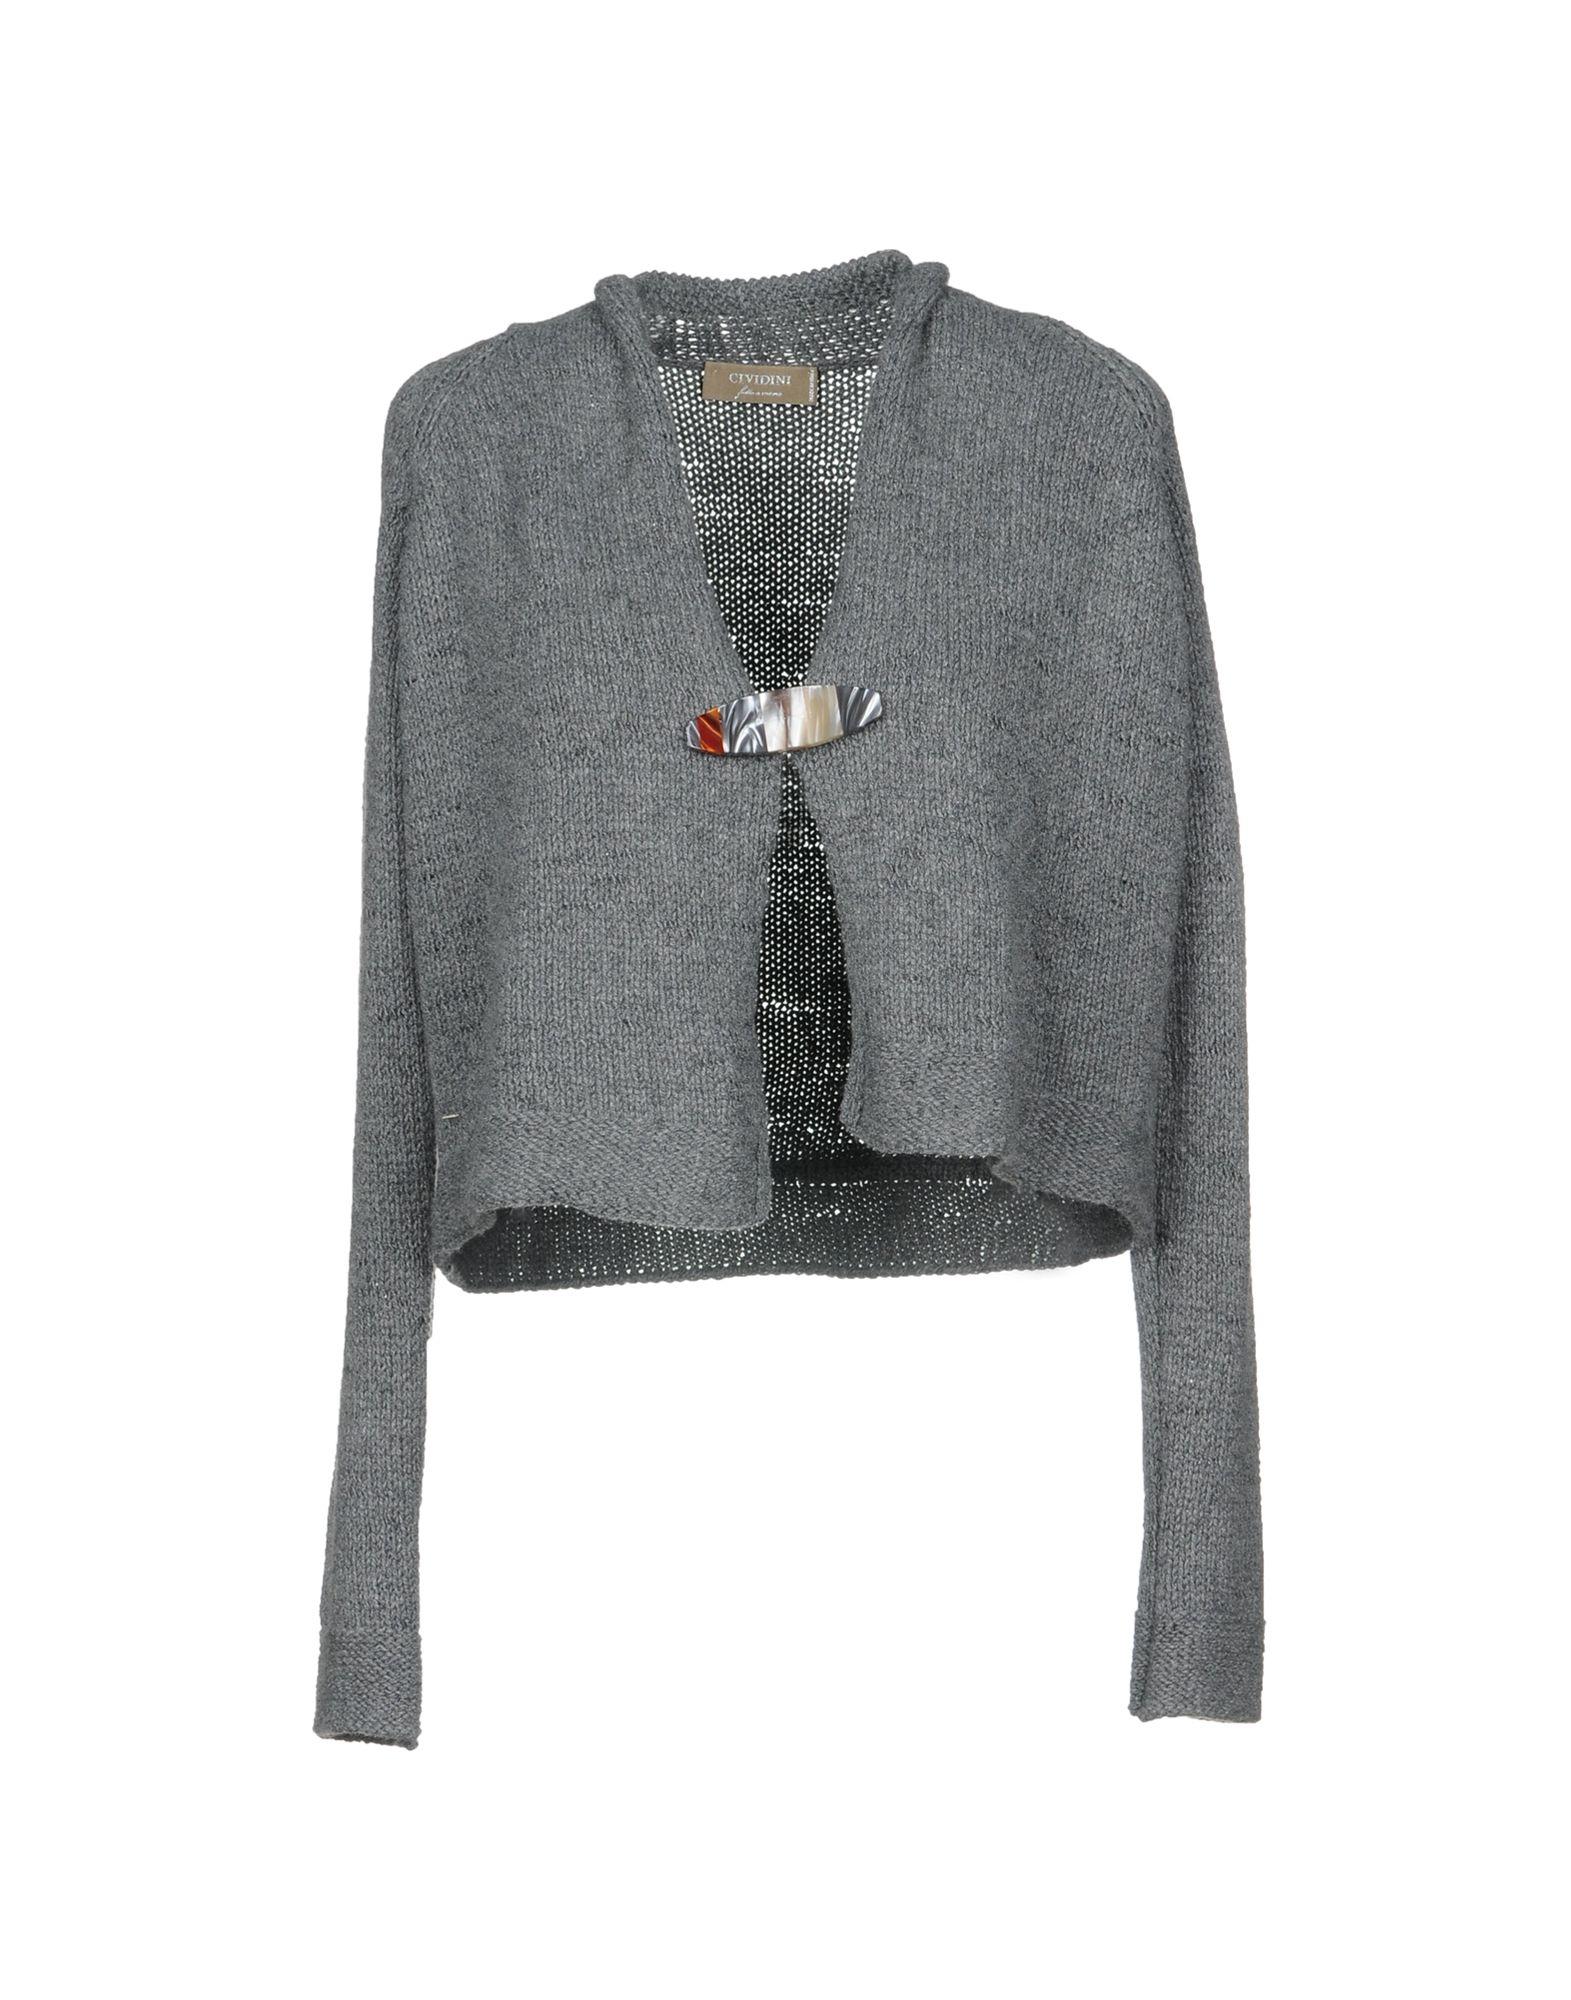 CIVIDINI Cardigan in Grey